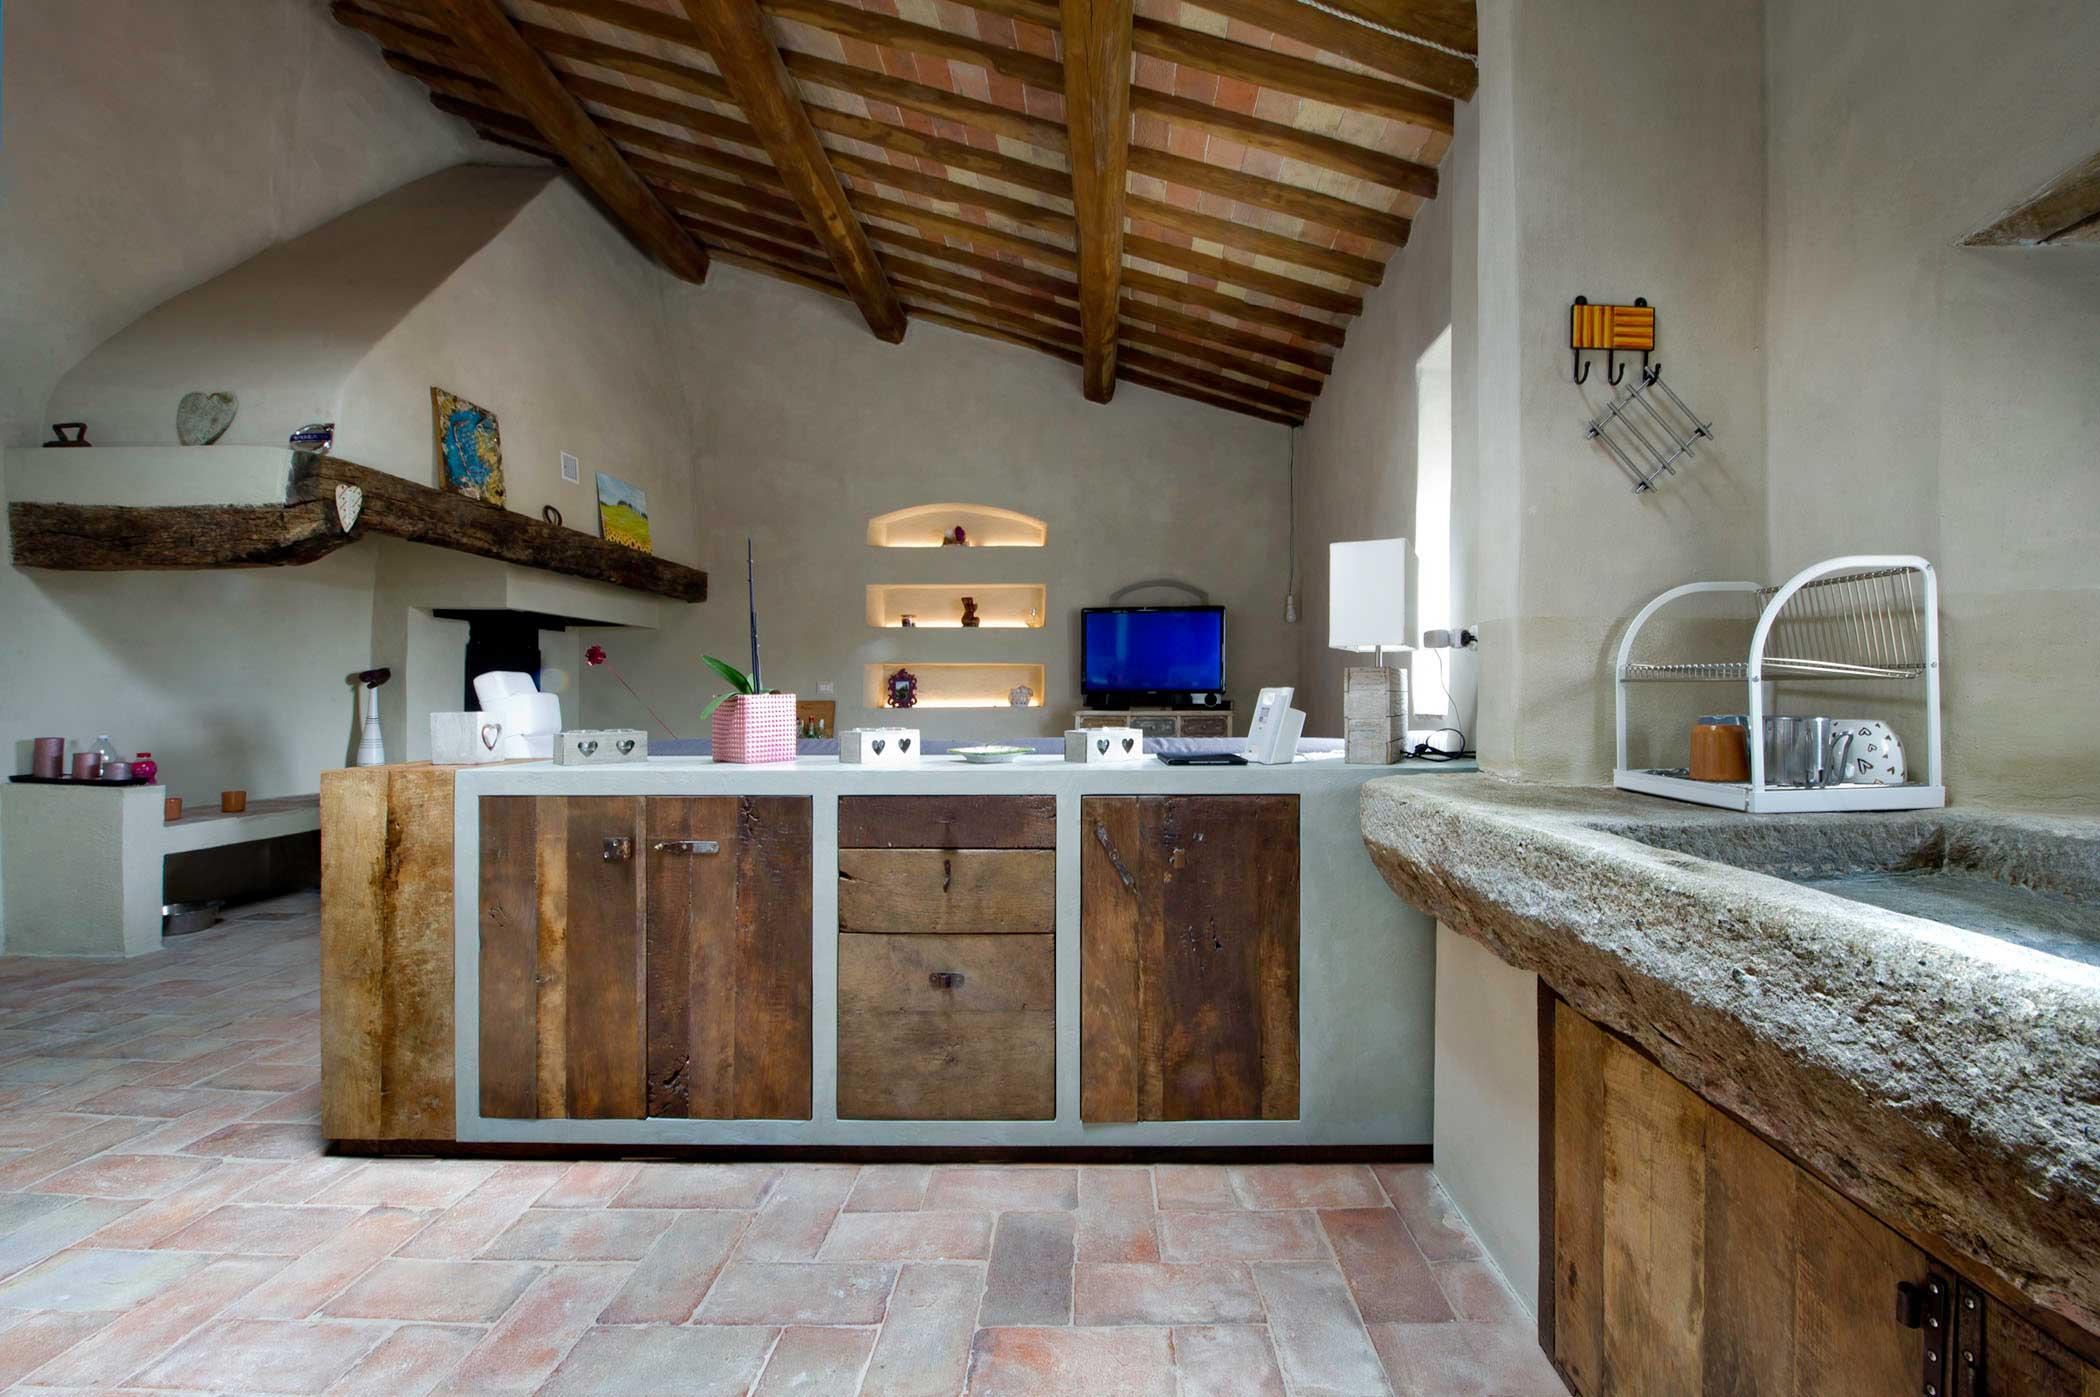 Progetta la tua cucina artigianale su misura laquercia21 - Cucina in muratura ...